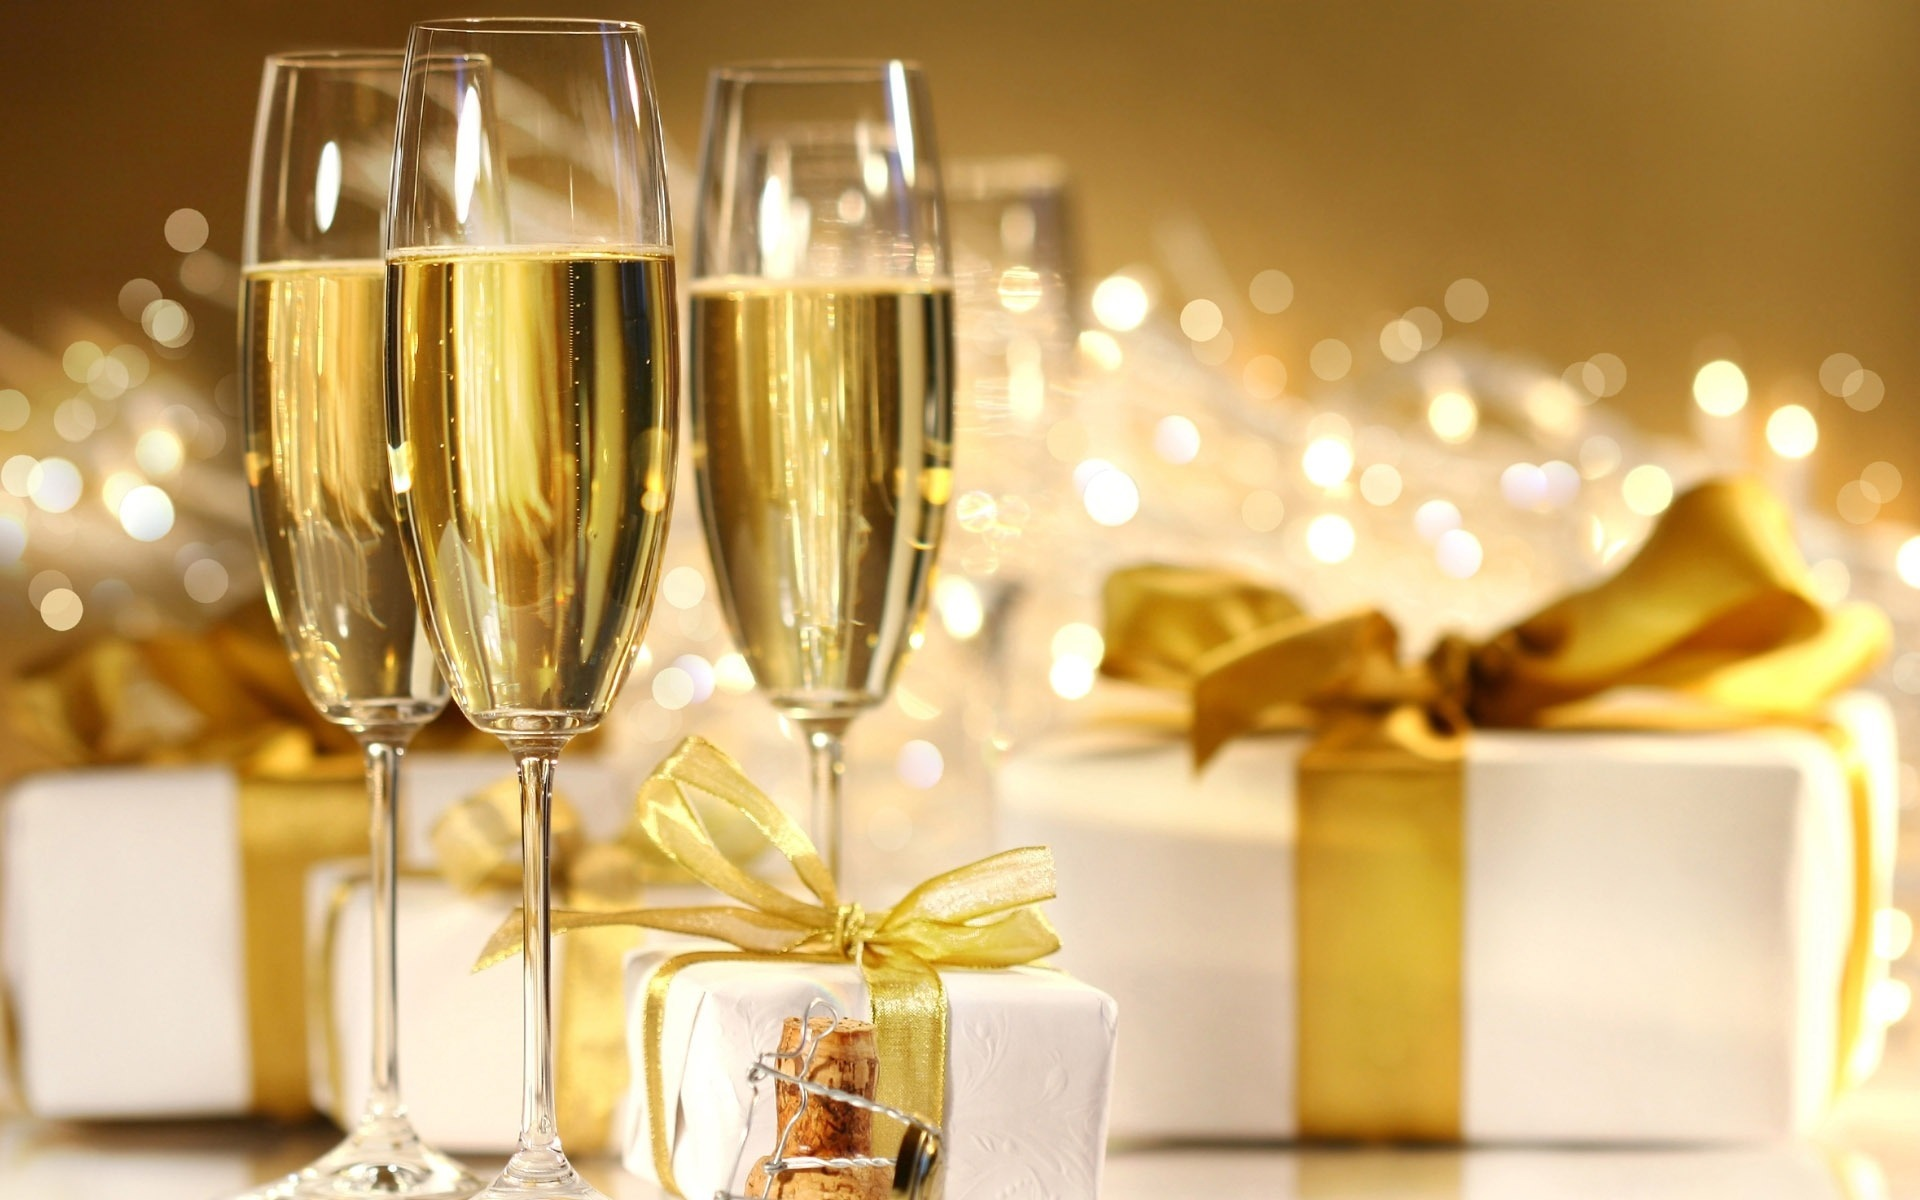 Открытки ко дню рождения шампанского, храни тебя ангел